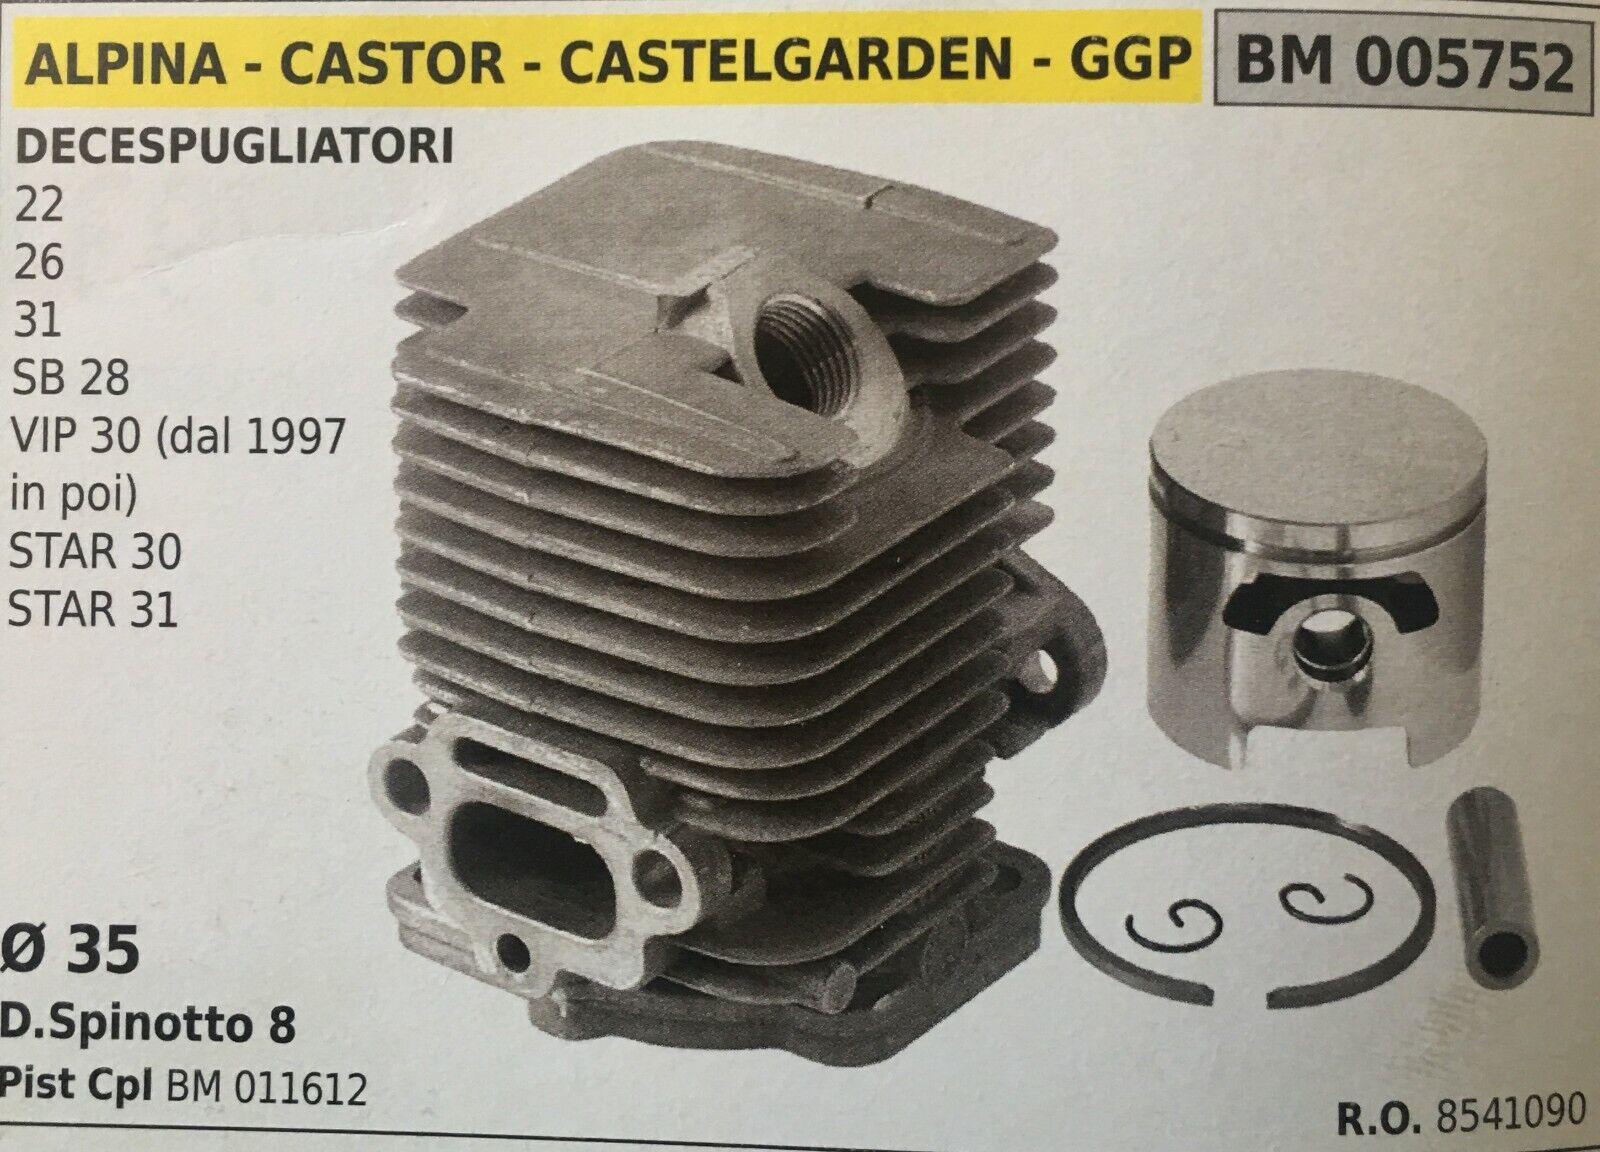 Cilindro Completo por Pistón y Segmentos Brumar BM005752 Alpina-Castor y Otros